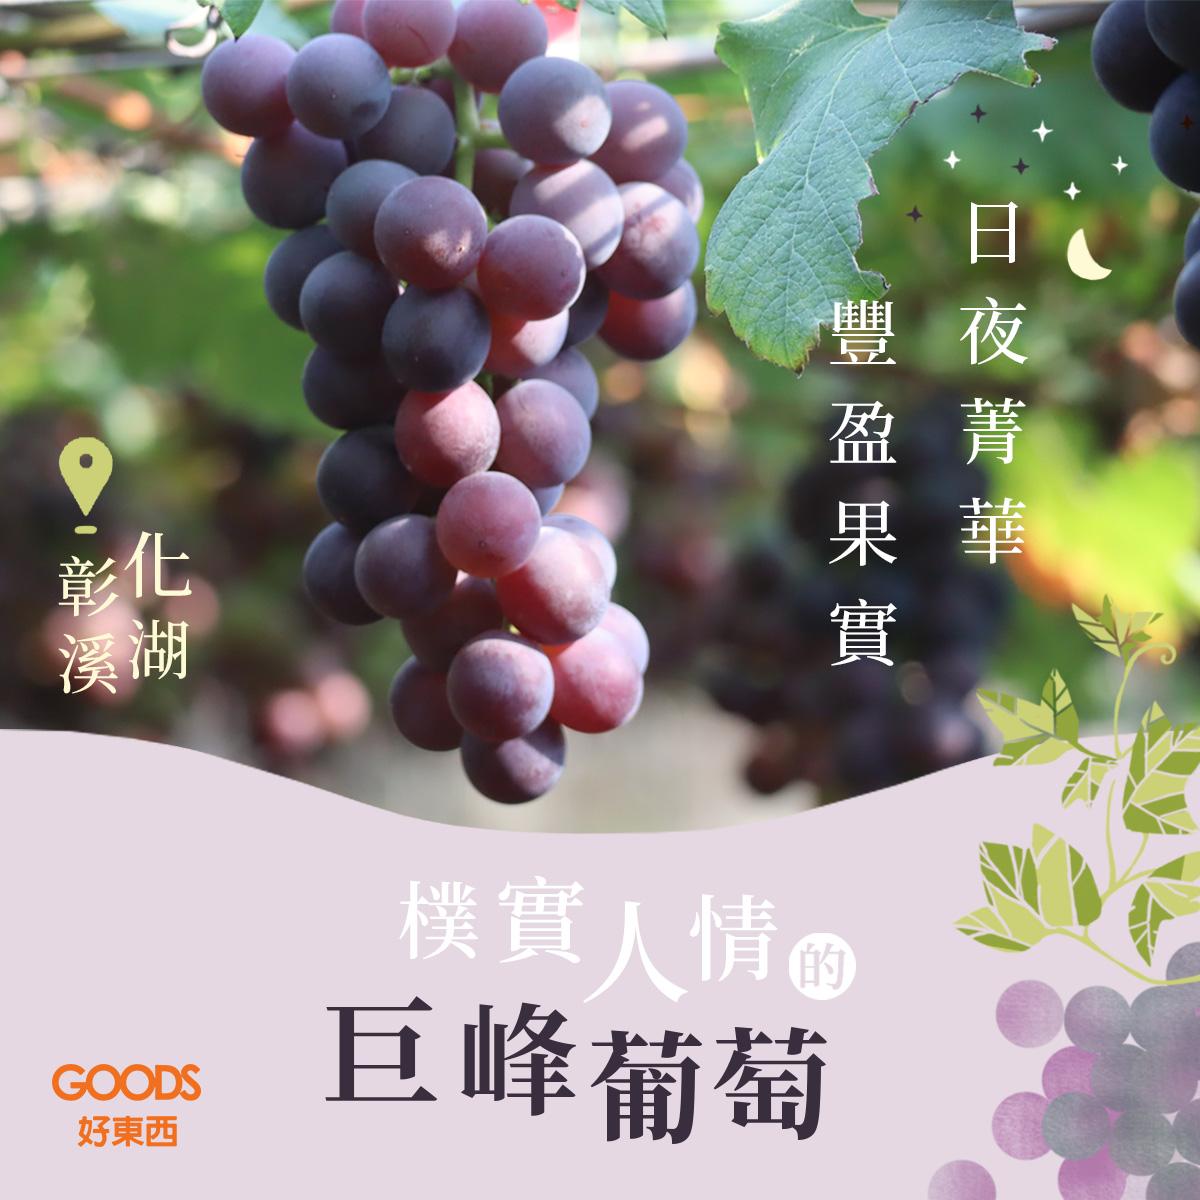 夏韻玉珠巨峰葡萄